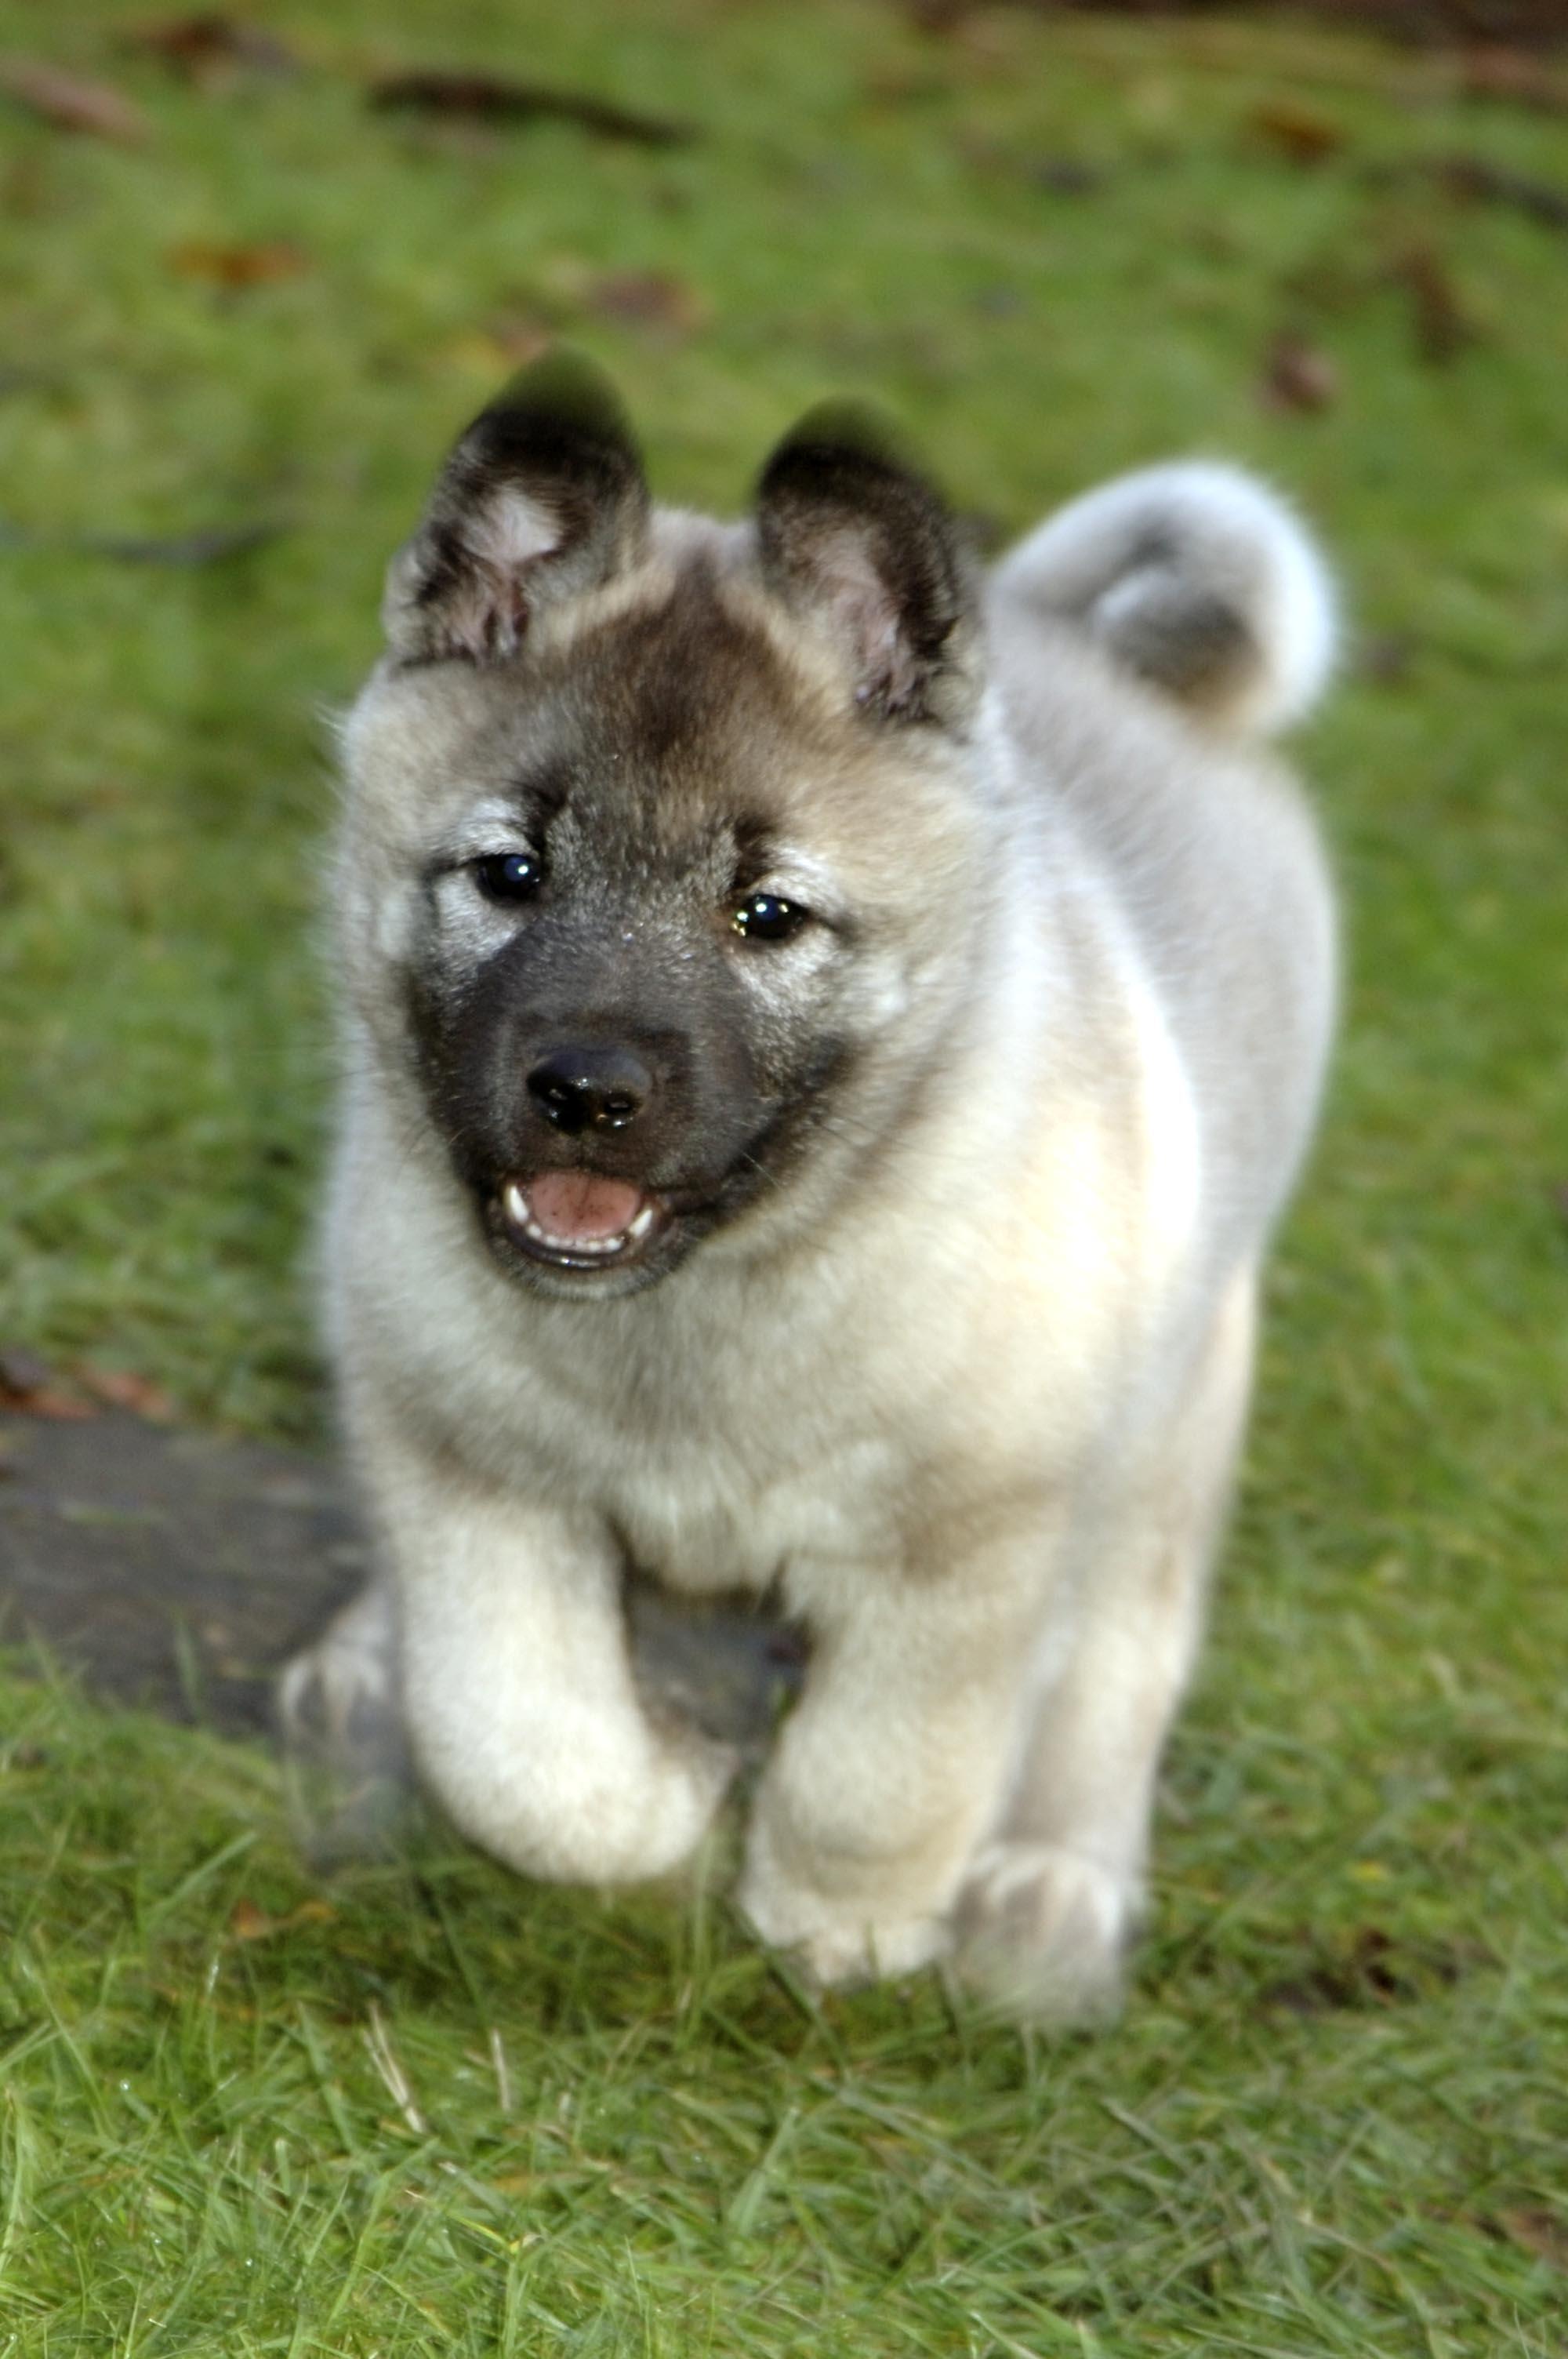 Chien-gris Puppies: Chien Gris Norwegian Elkhound Breed